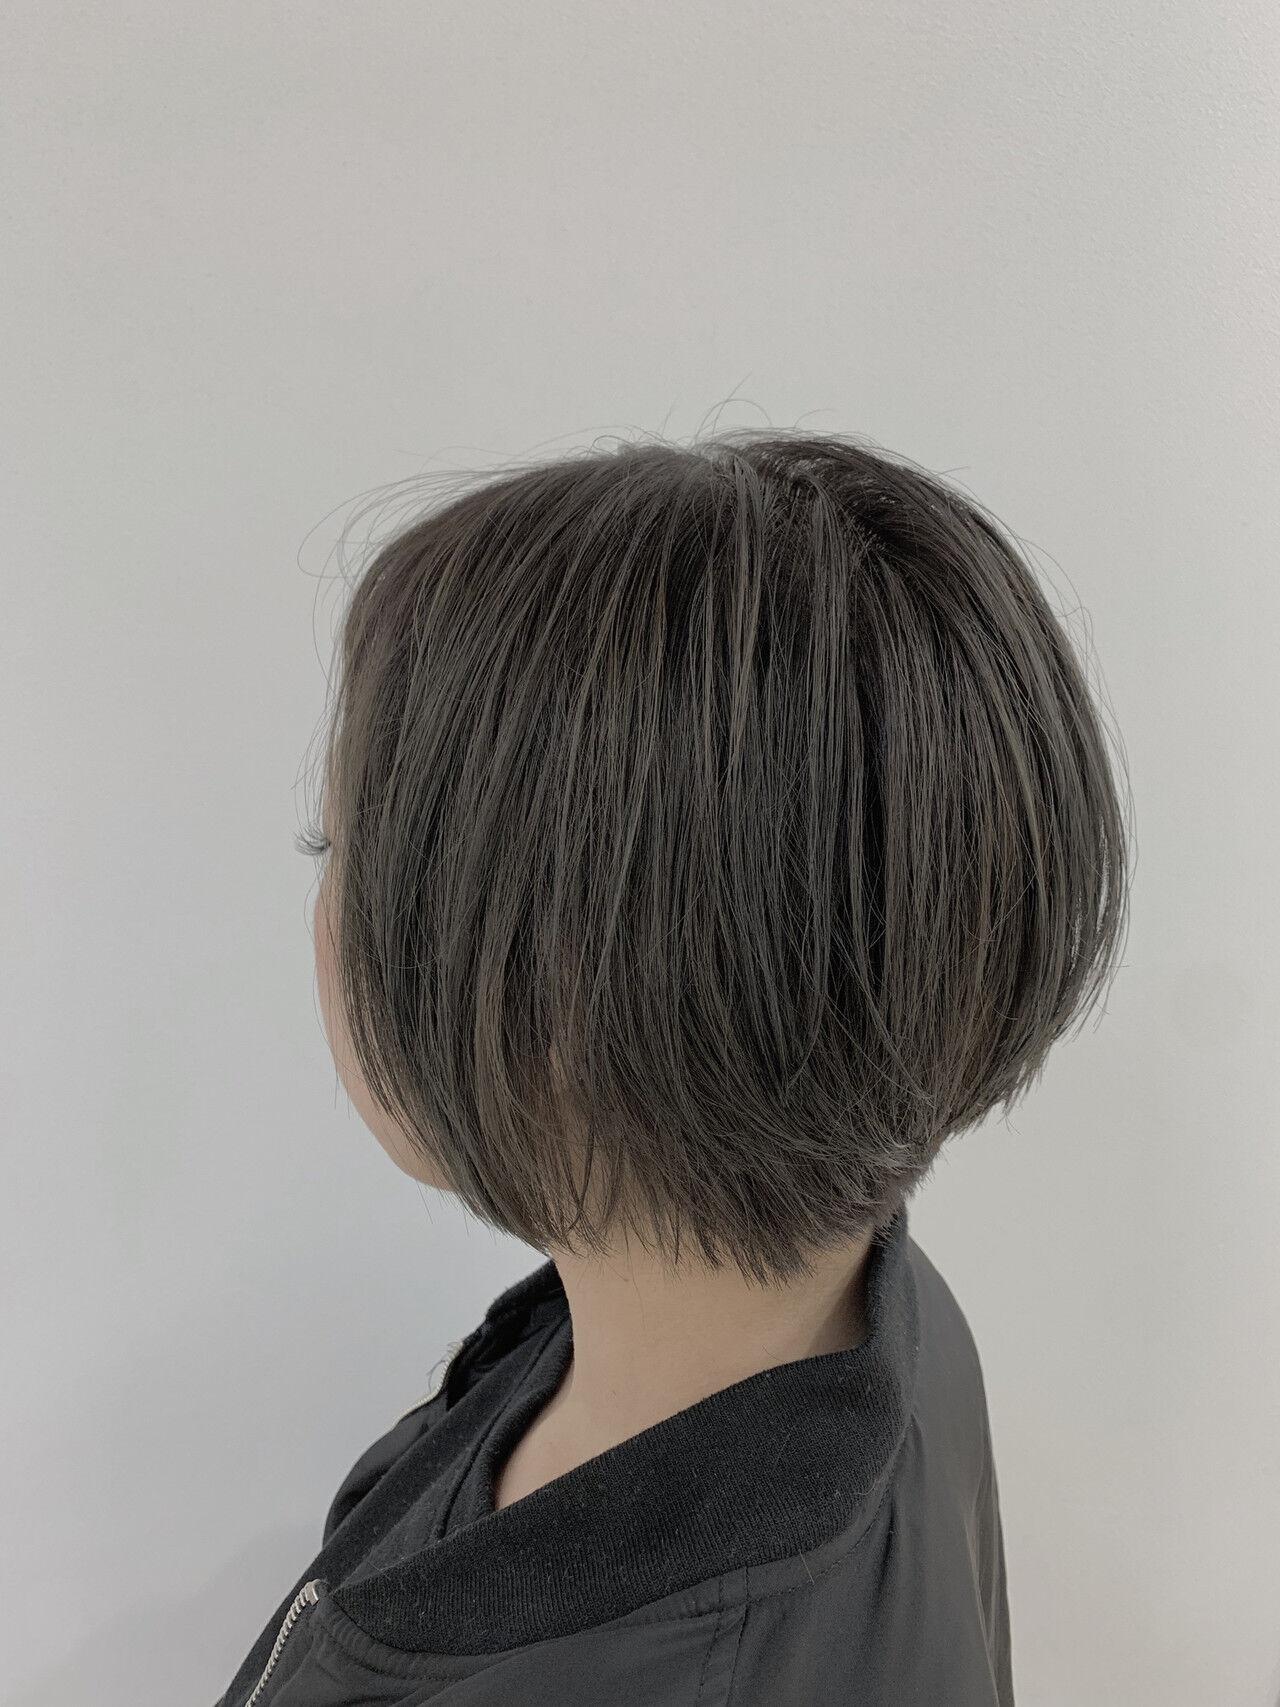 大人グラボブ グレージュ グラボブ アッシュグレーヘアスタイルや髪型の写真・画像